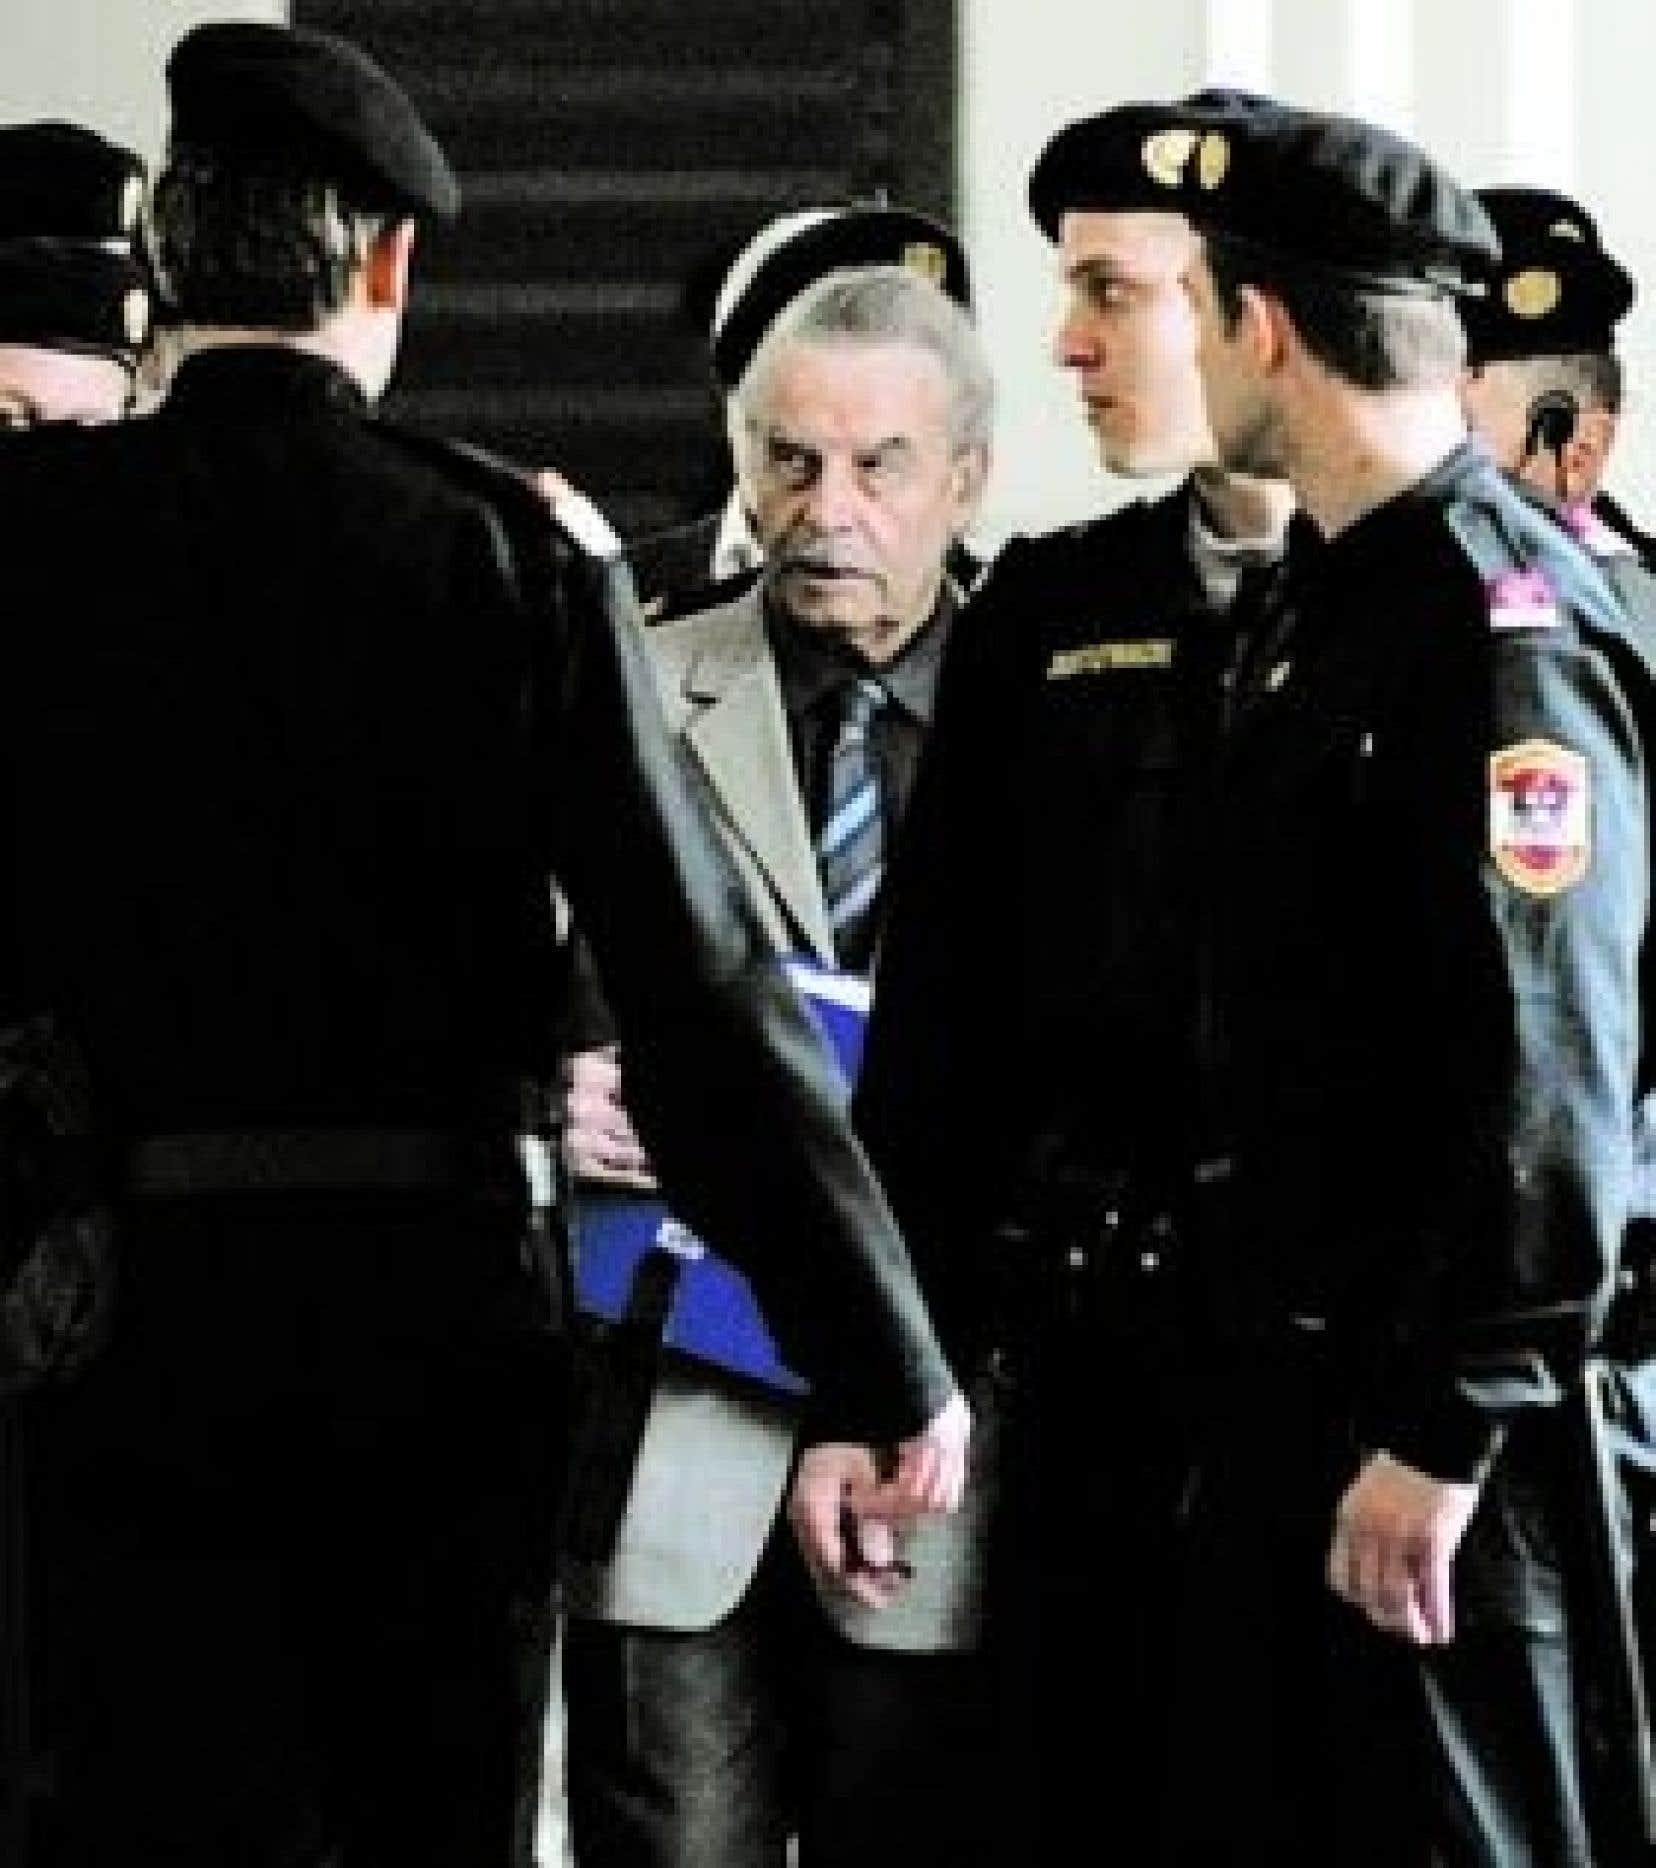 Josef Fritzl risque la réclusion à perpétuité à l'issue du procès dont le verdict sera prononcé aujourd'hui.